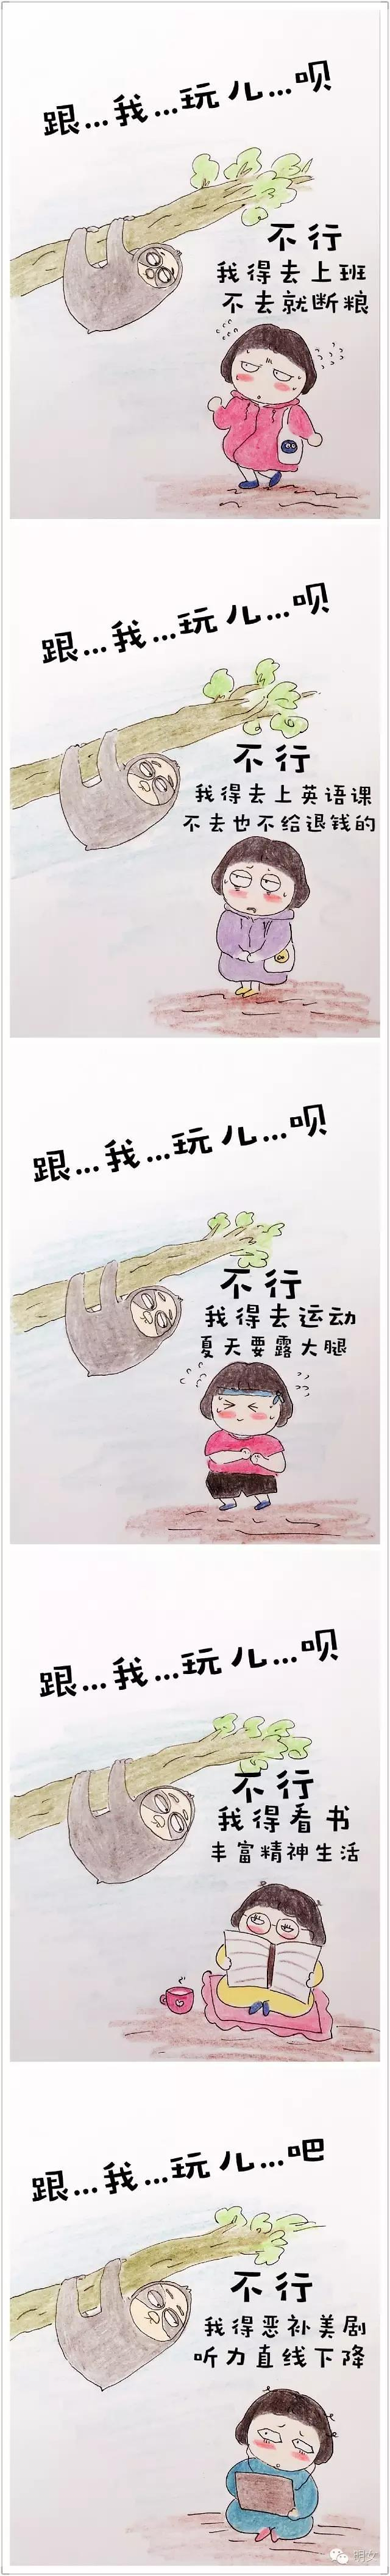 【明女小漫画之】最重要的事